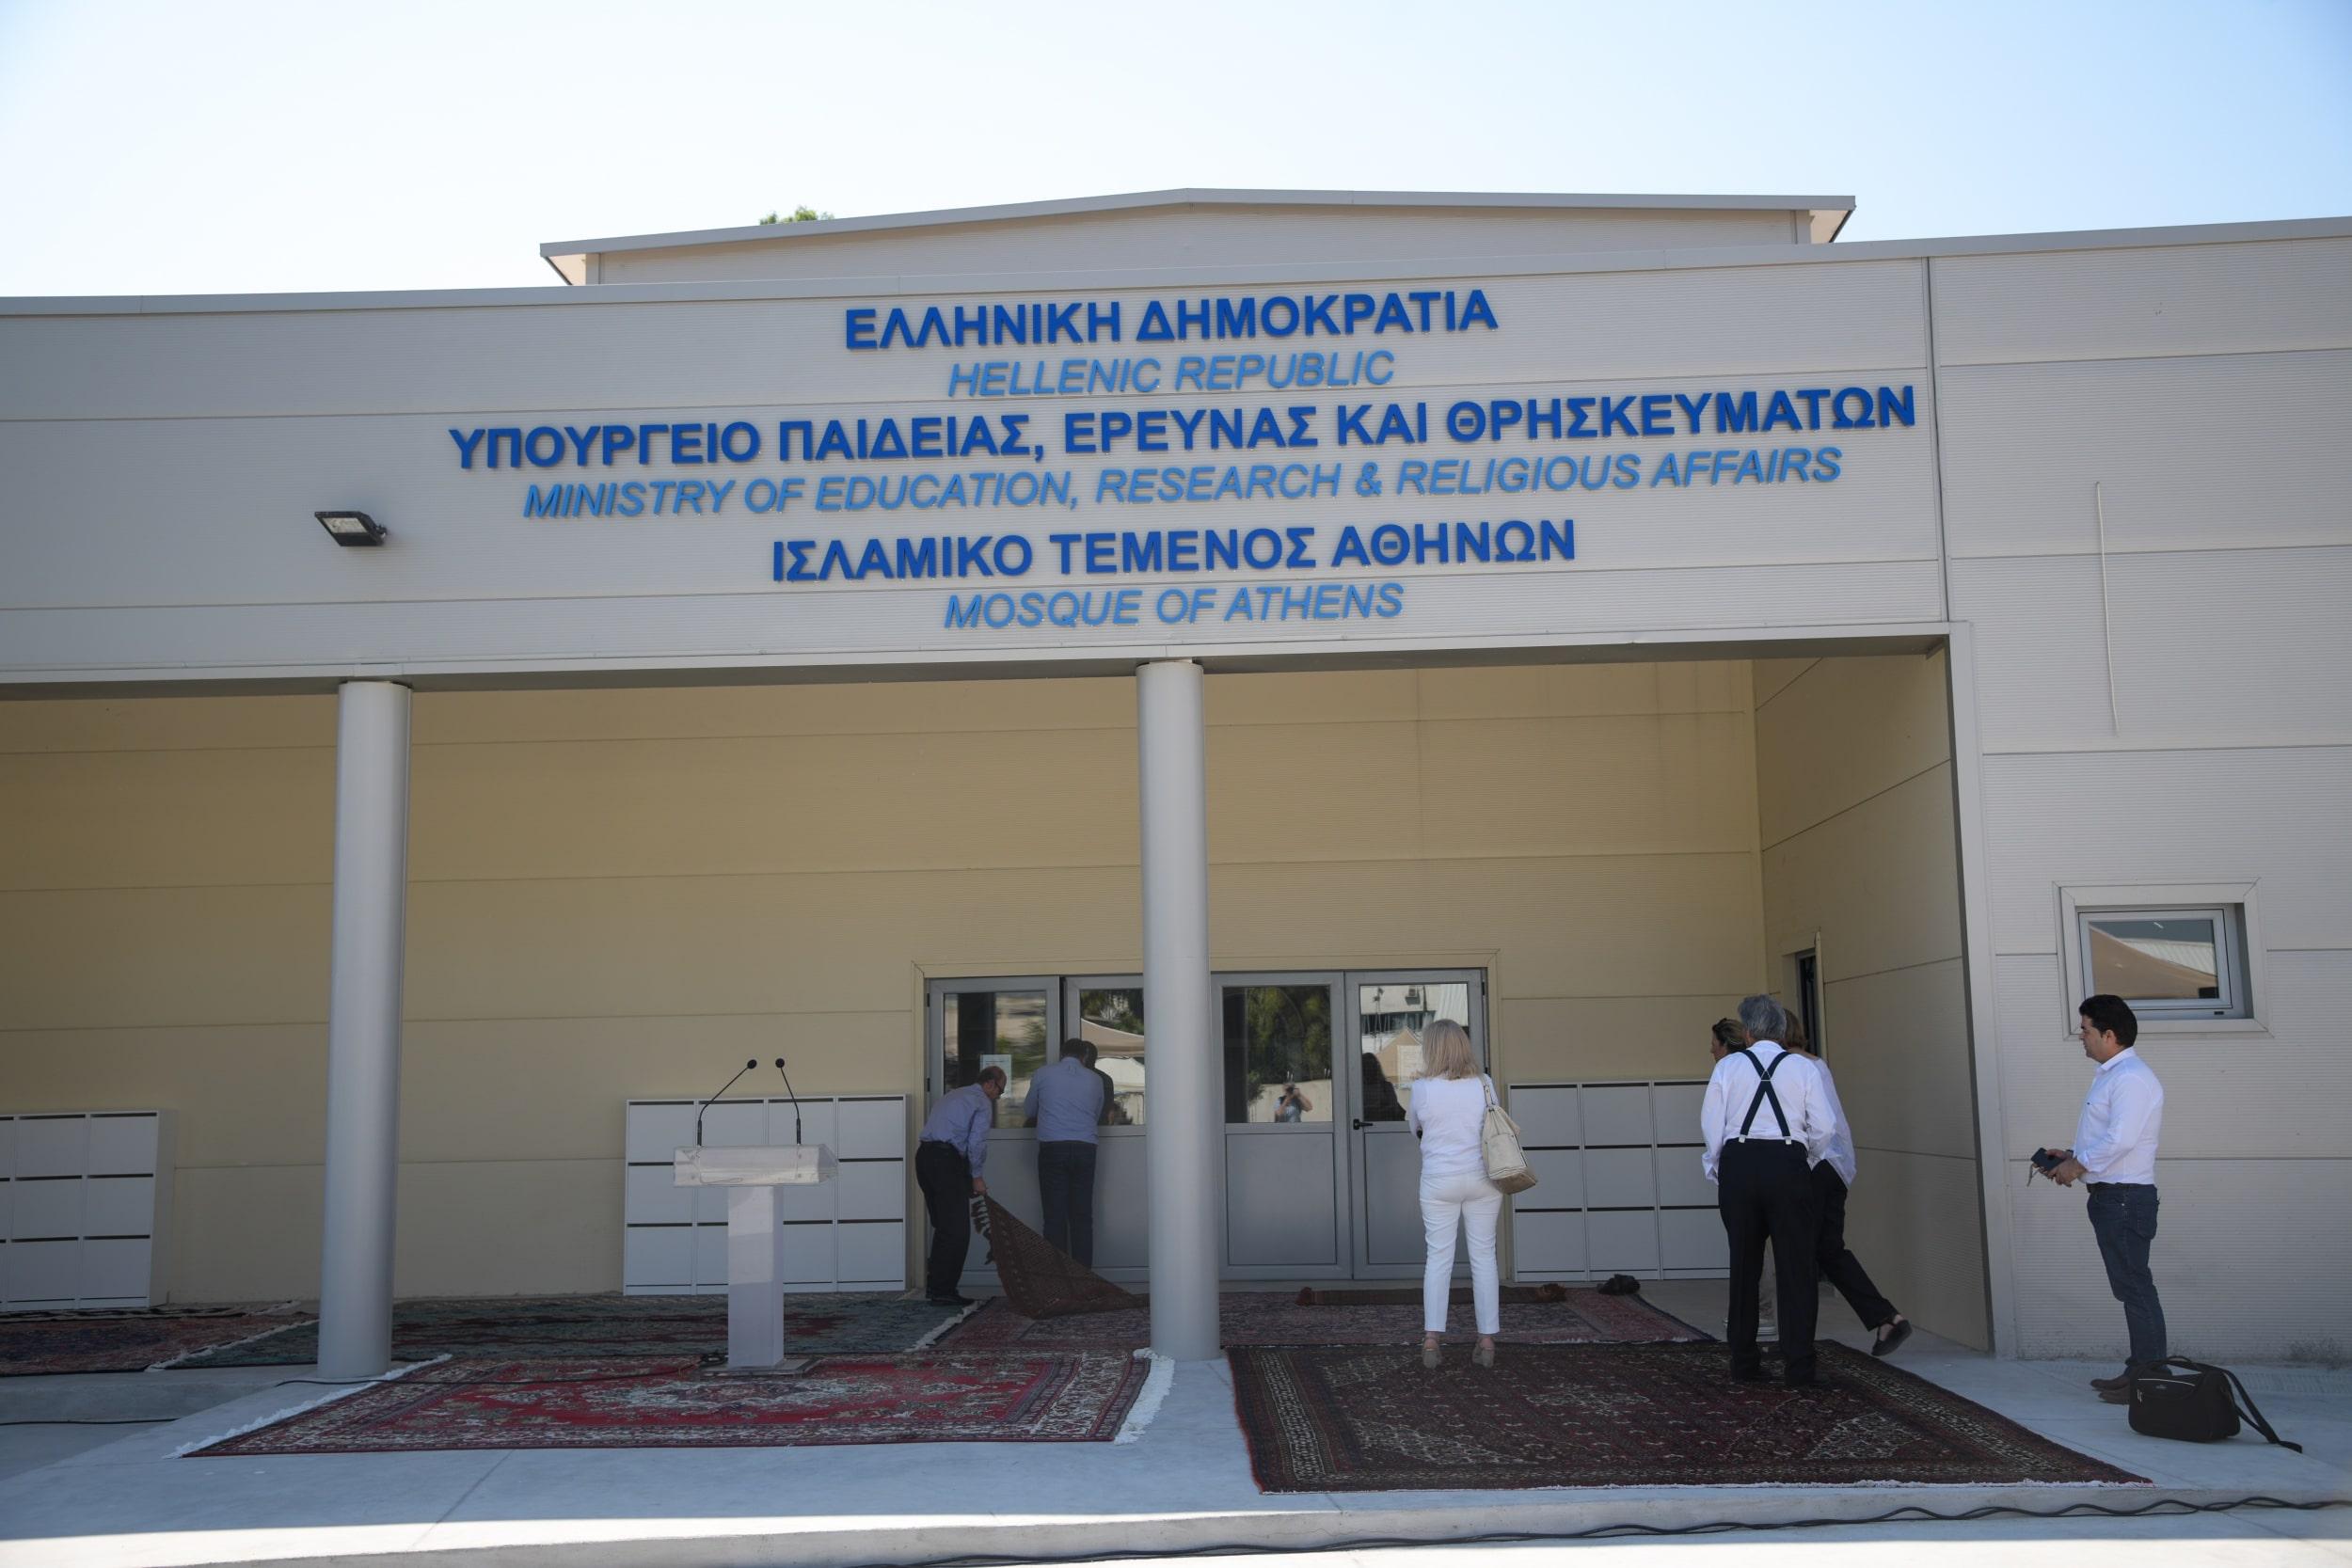 Une mosquée officielle à Athènes, une première depuis deux siècles | Des Dômes & Des Minarets